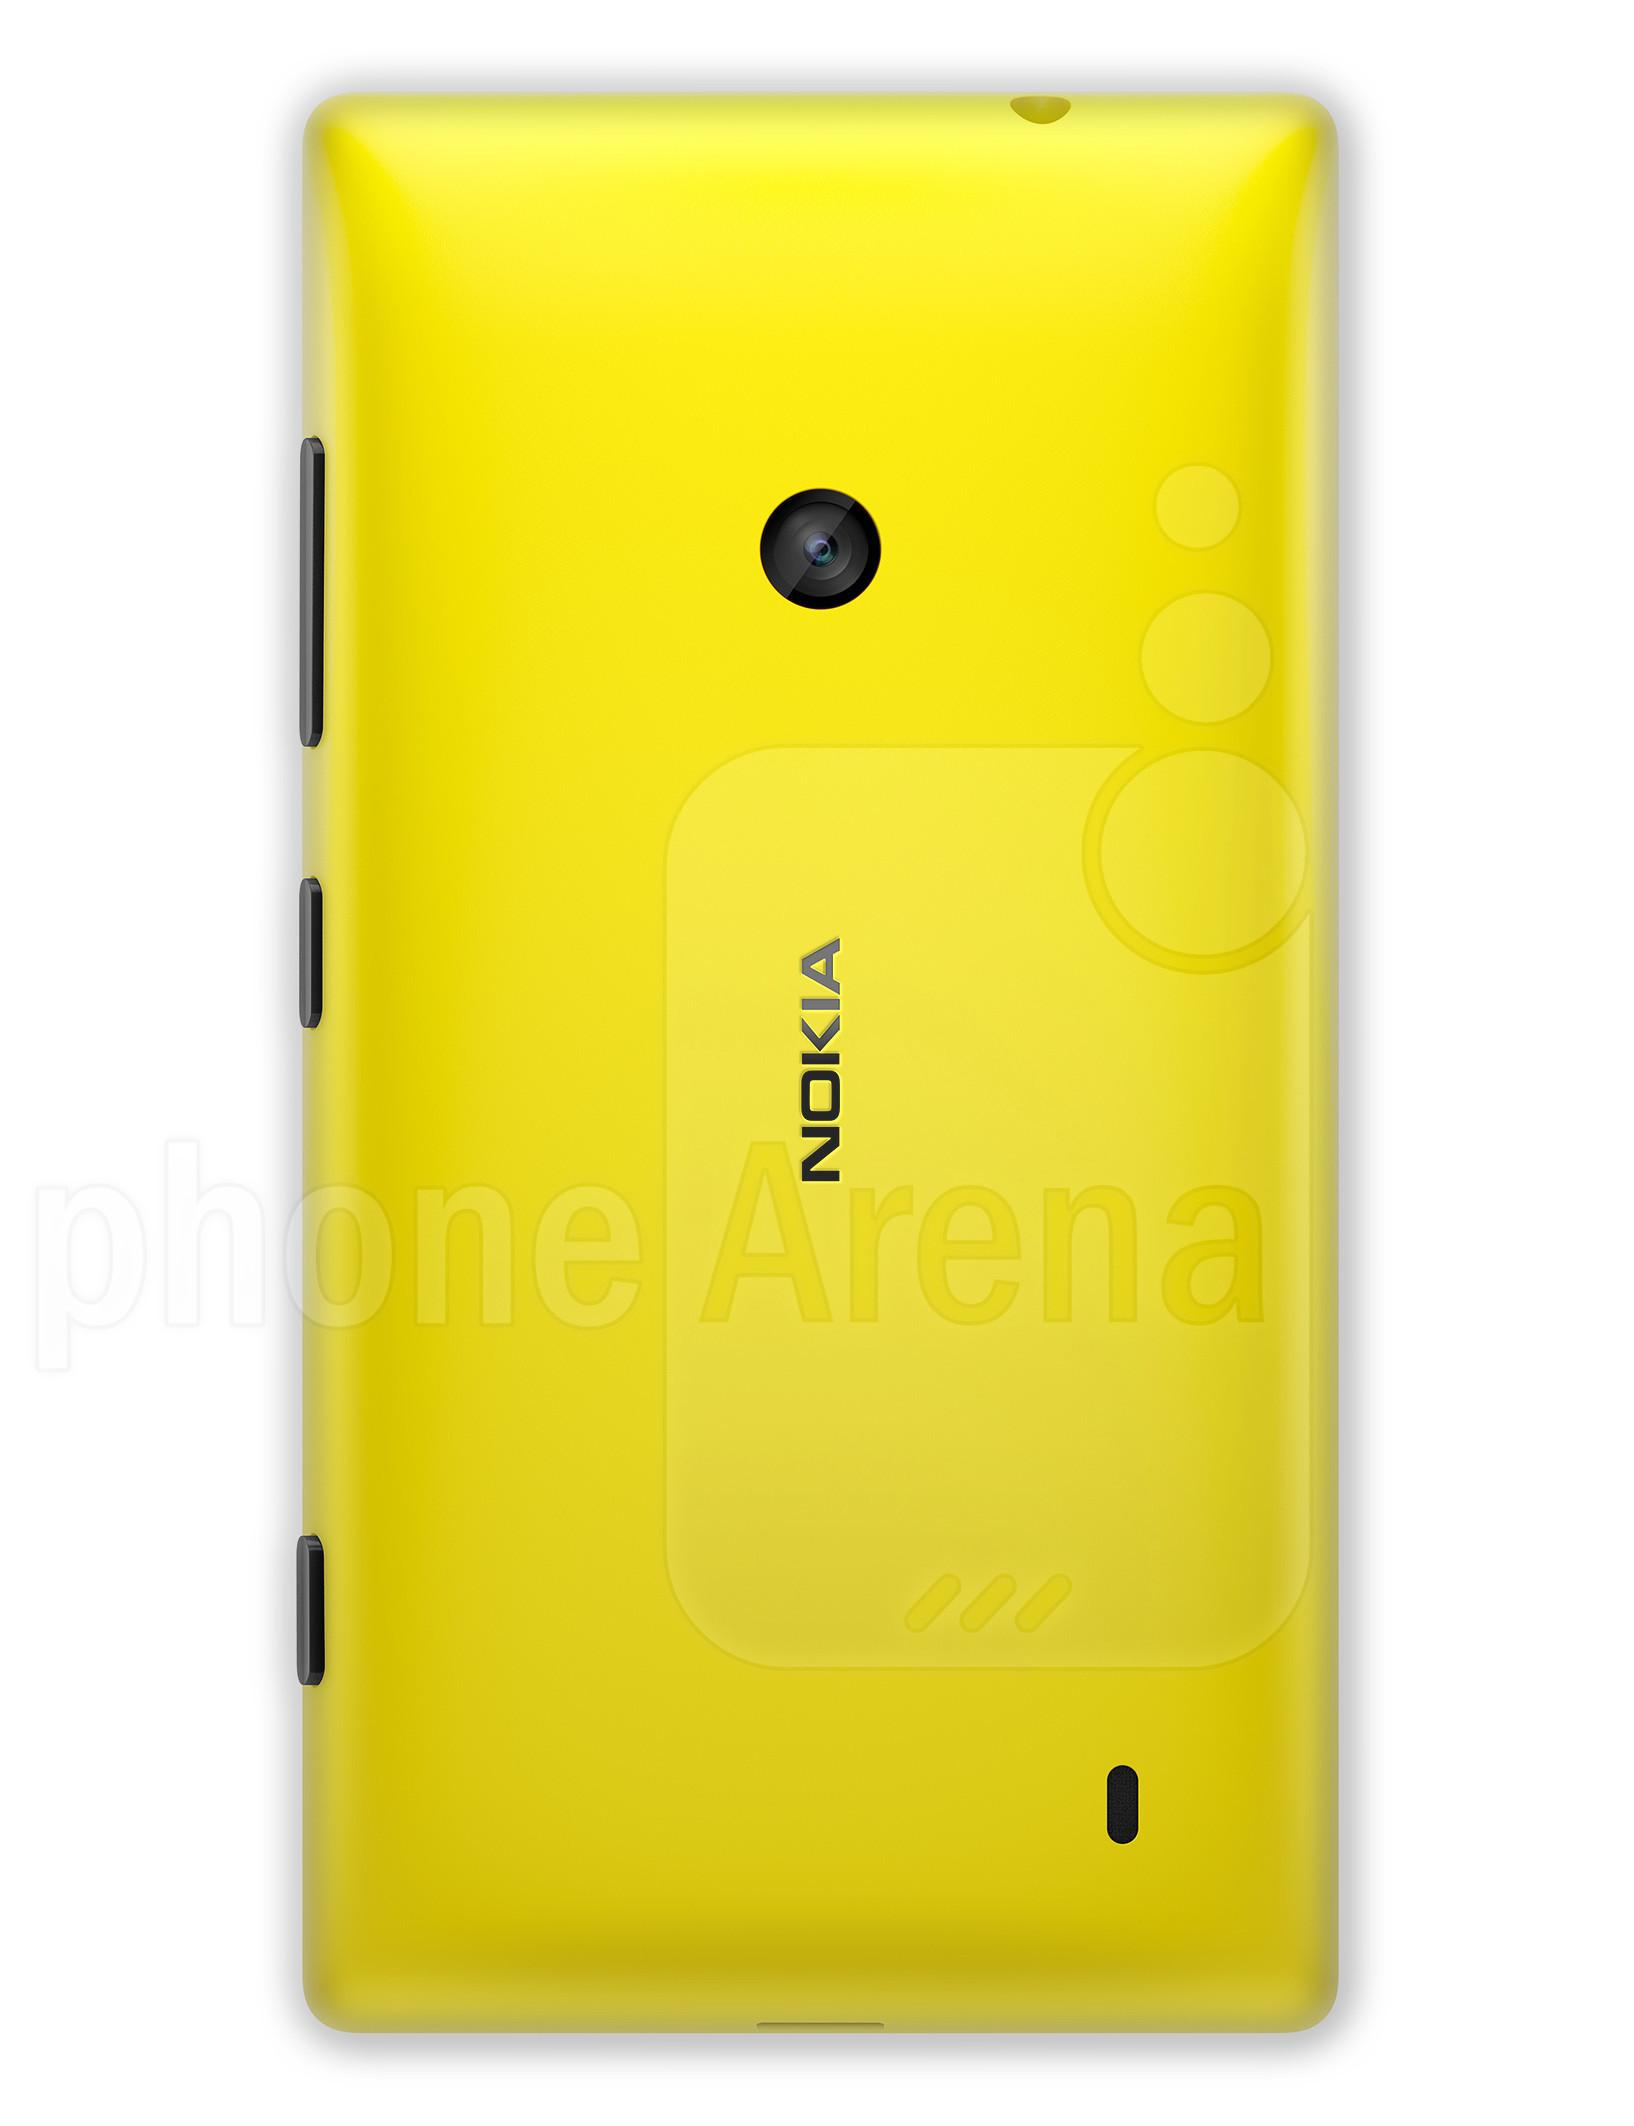 1416085762_nokia-lumia-520-1.jpg